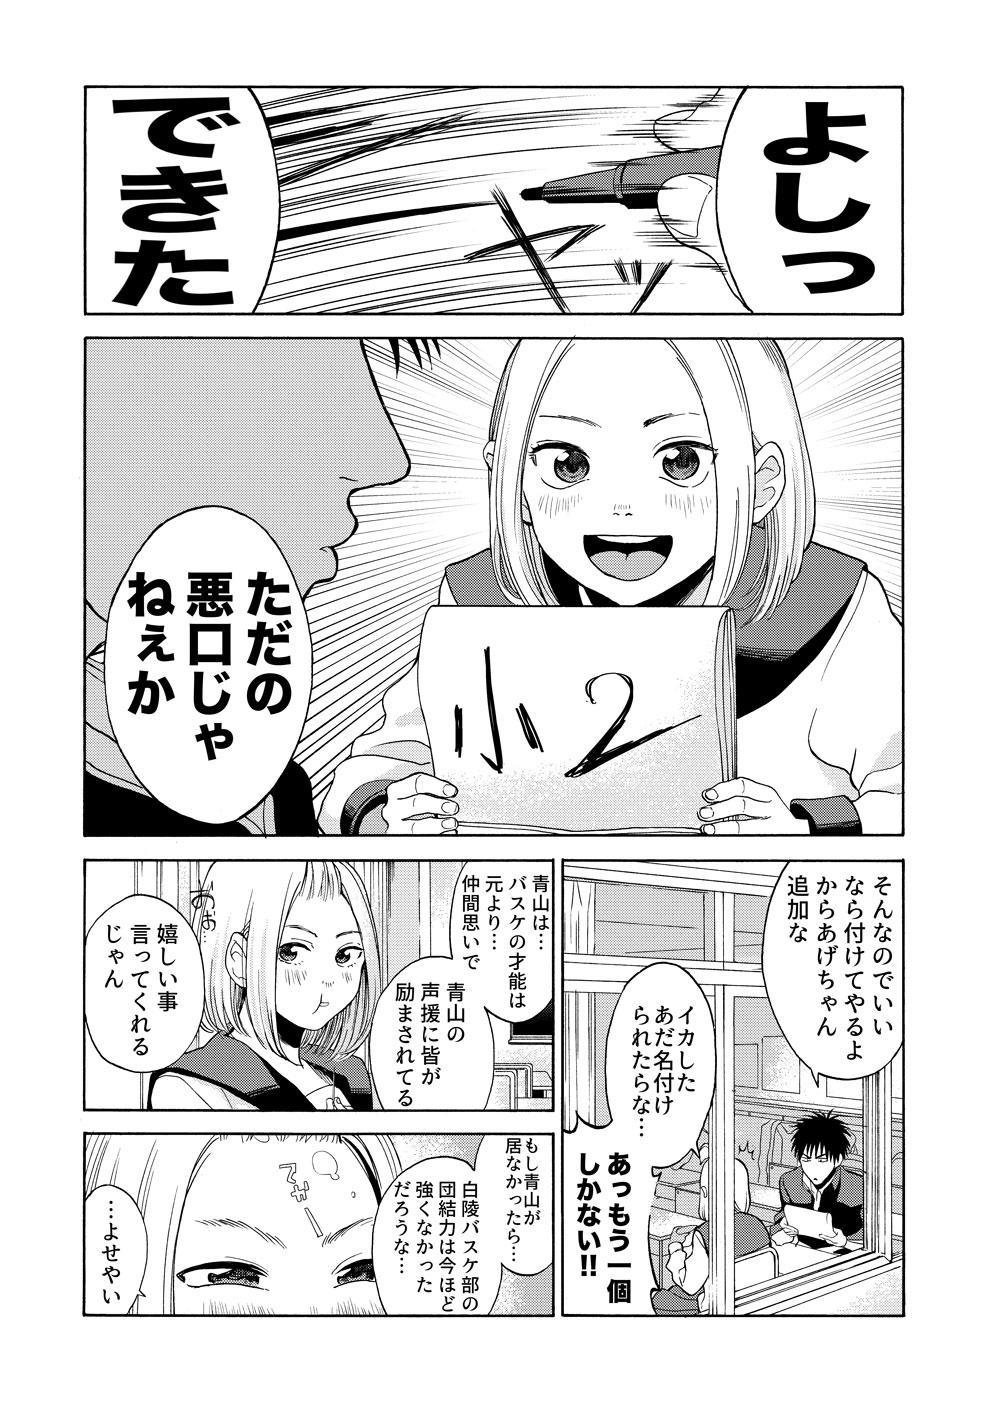 りり恋第3話作業中003-3